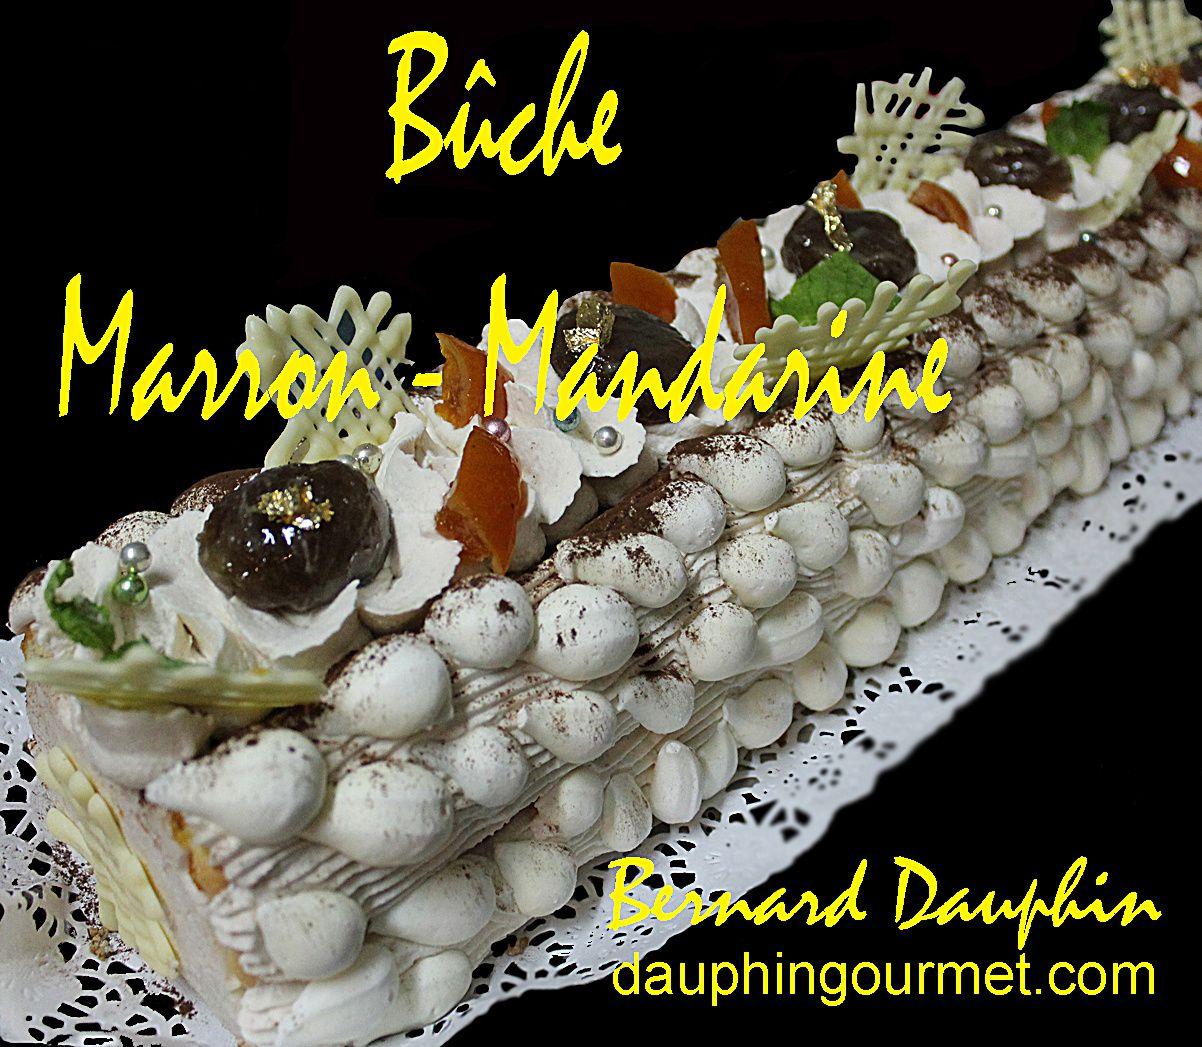 BUCHE 2016 MARRON - MANDARINE